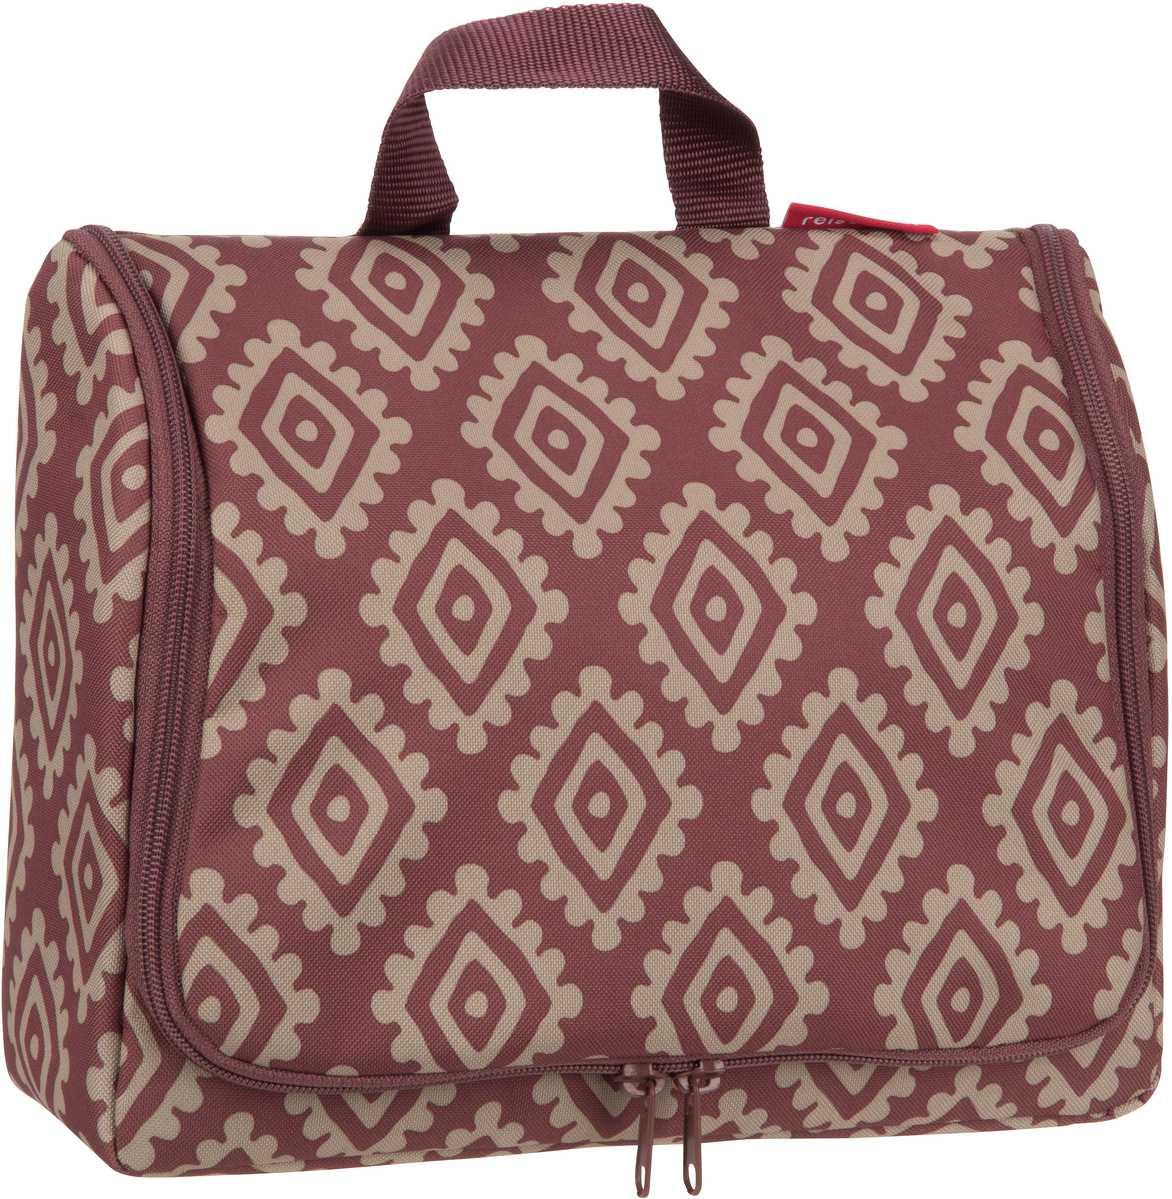 Reisegepaeck für Frauen - reisenthel Kulturbeutel Beauty Case toiletbag XL Diamonds Rouge (4 Liter)  - Onlineshop Taschenkaufhaus